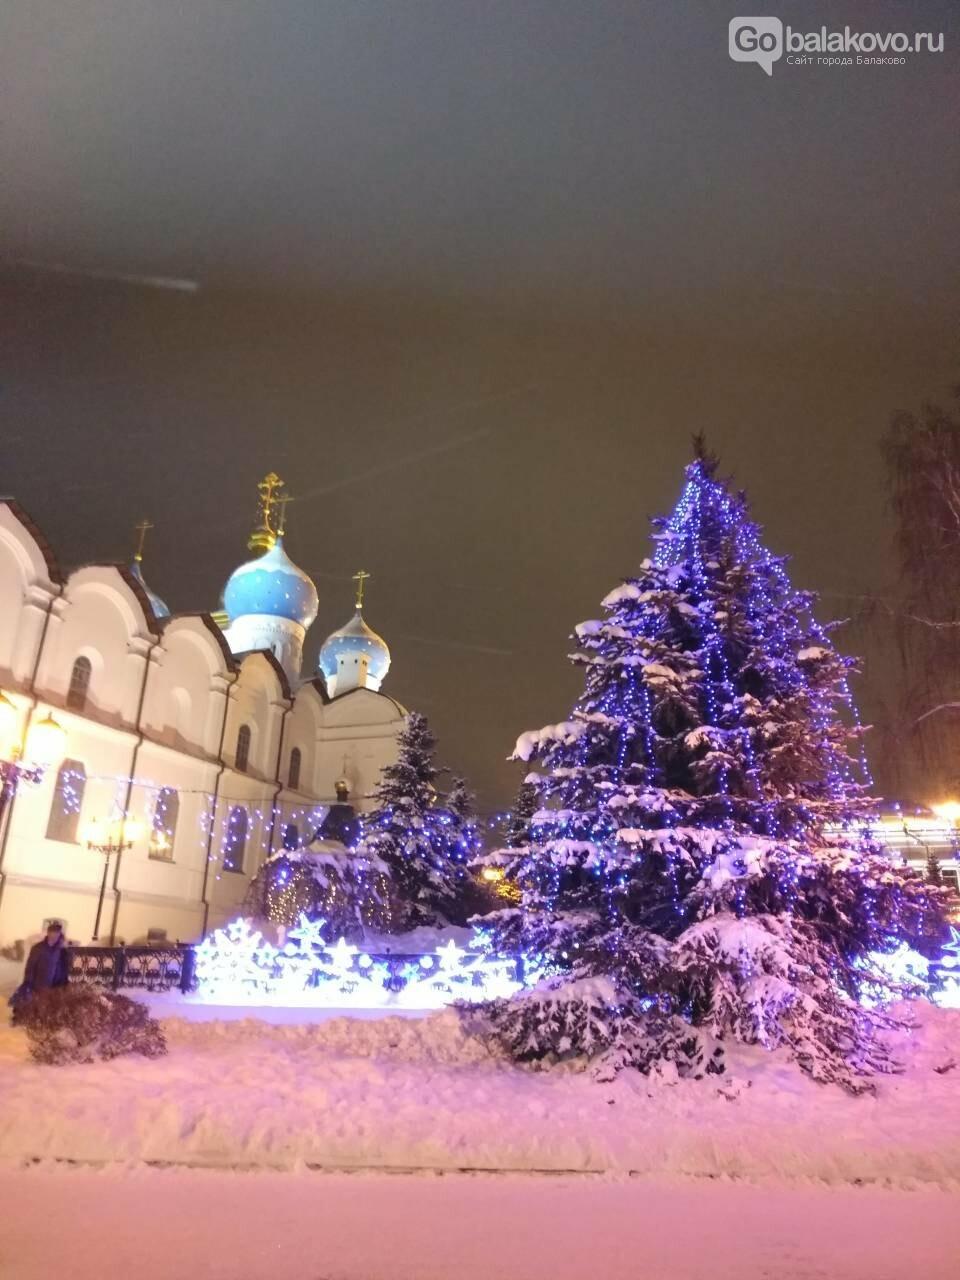 Чем Казань поразила балаковских автотуристов, фото-13